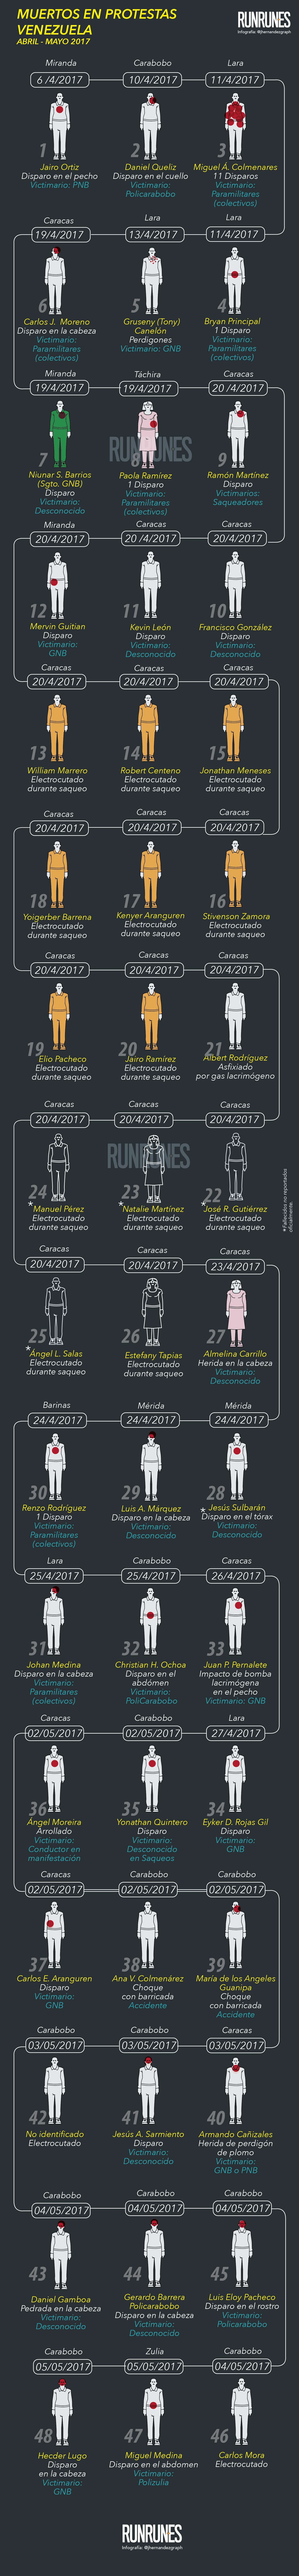 INFOGRAFÍA Muertos hasta el #6May